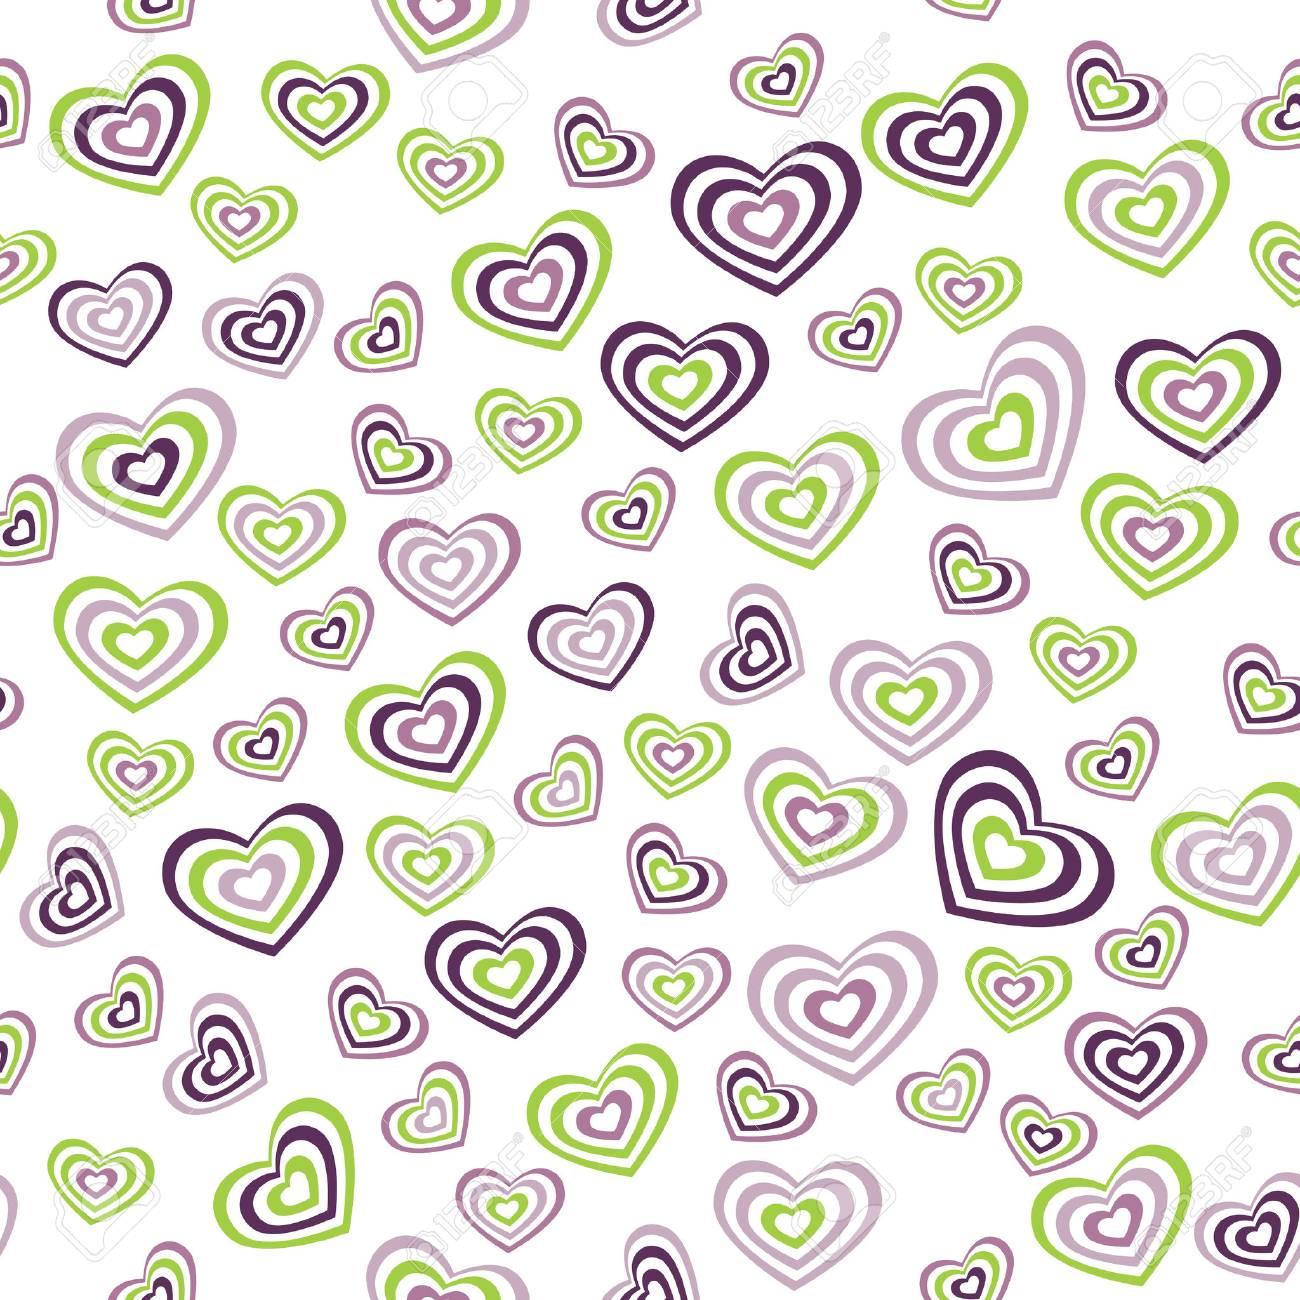 Nahtlose Muster Herzen Grun Lila Auf Weissem Hintergrund Hochzeit